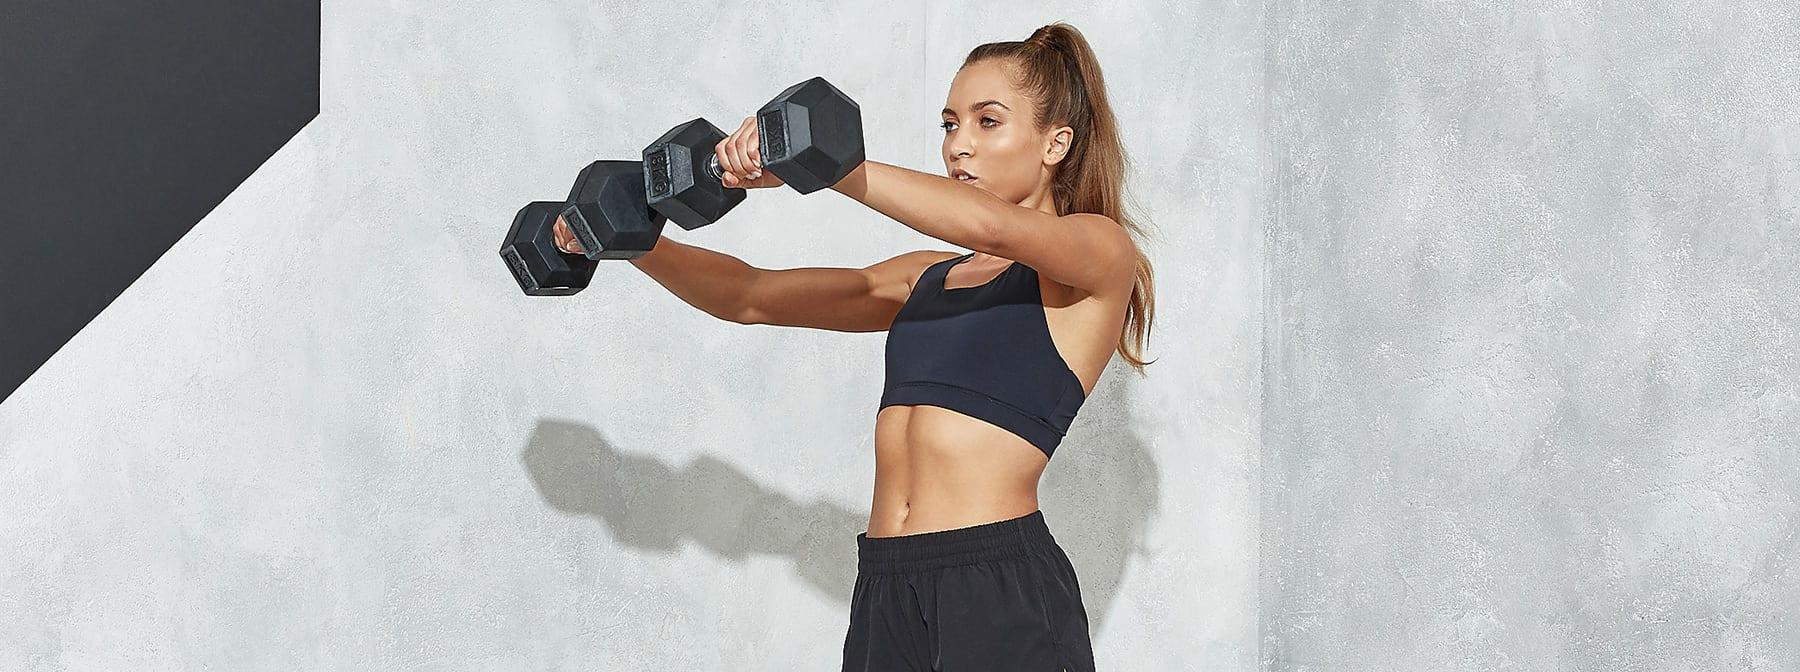 cum să pierzi greutatea hips rapid amc pierderea în greutate